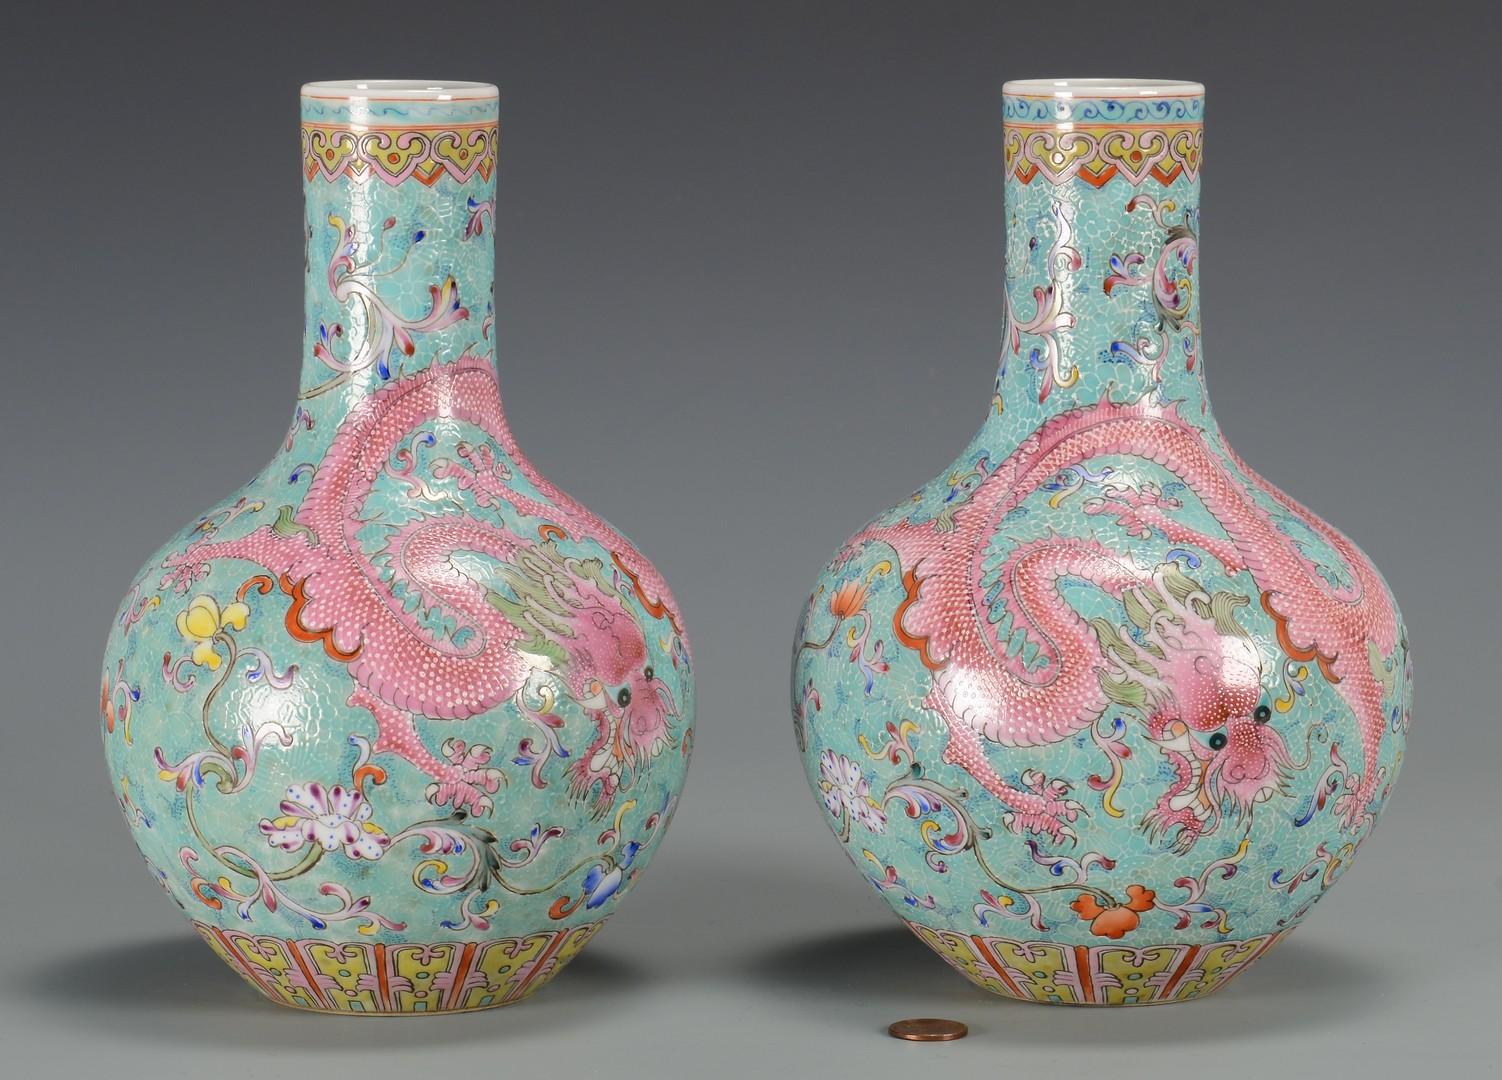 Lot 3594219: Pr. Famille Rose Bottle Vases